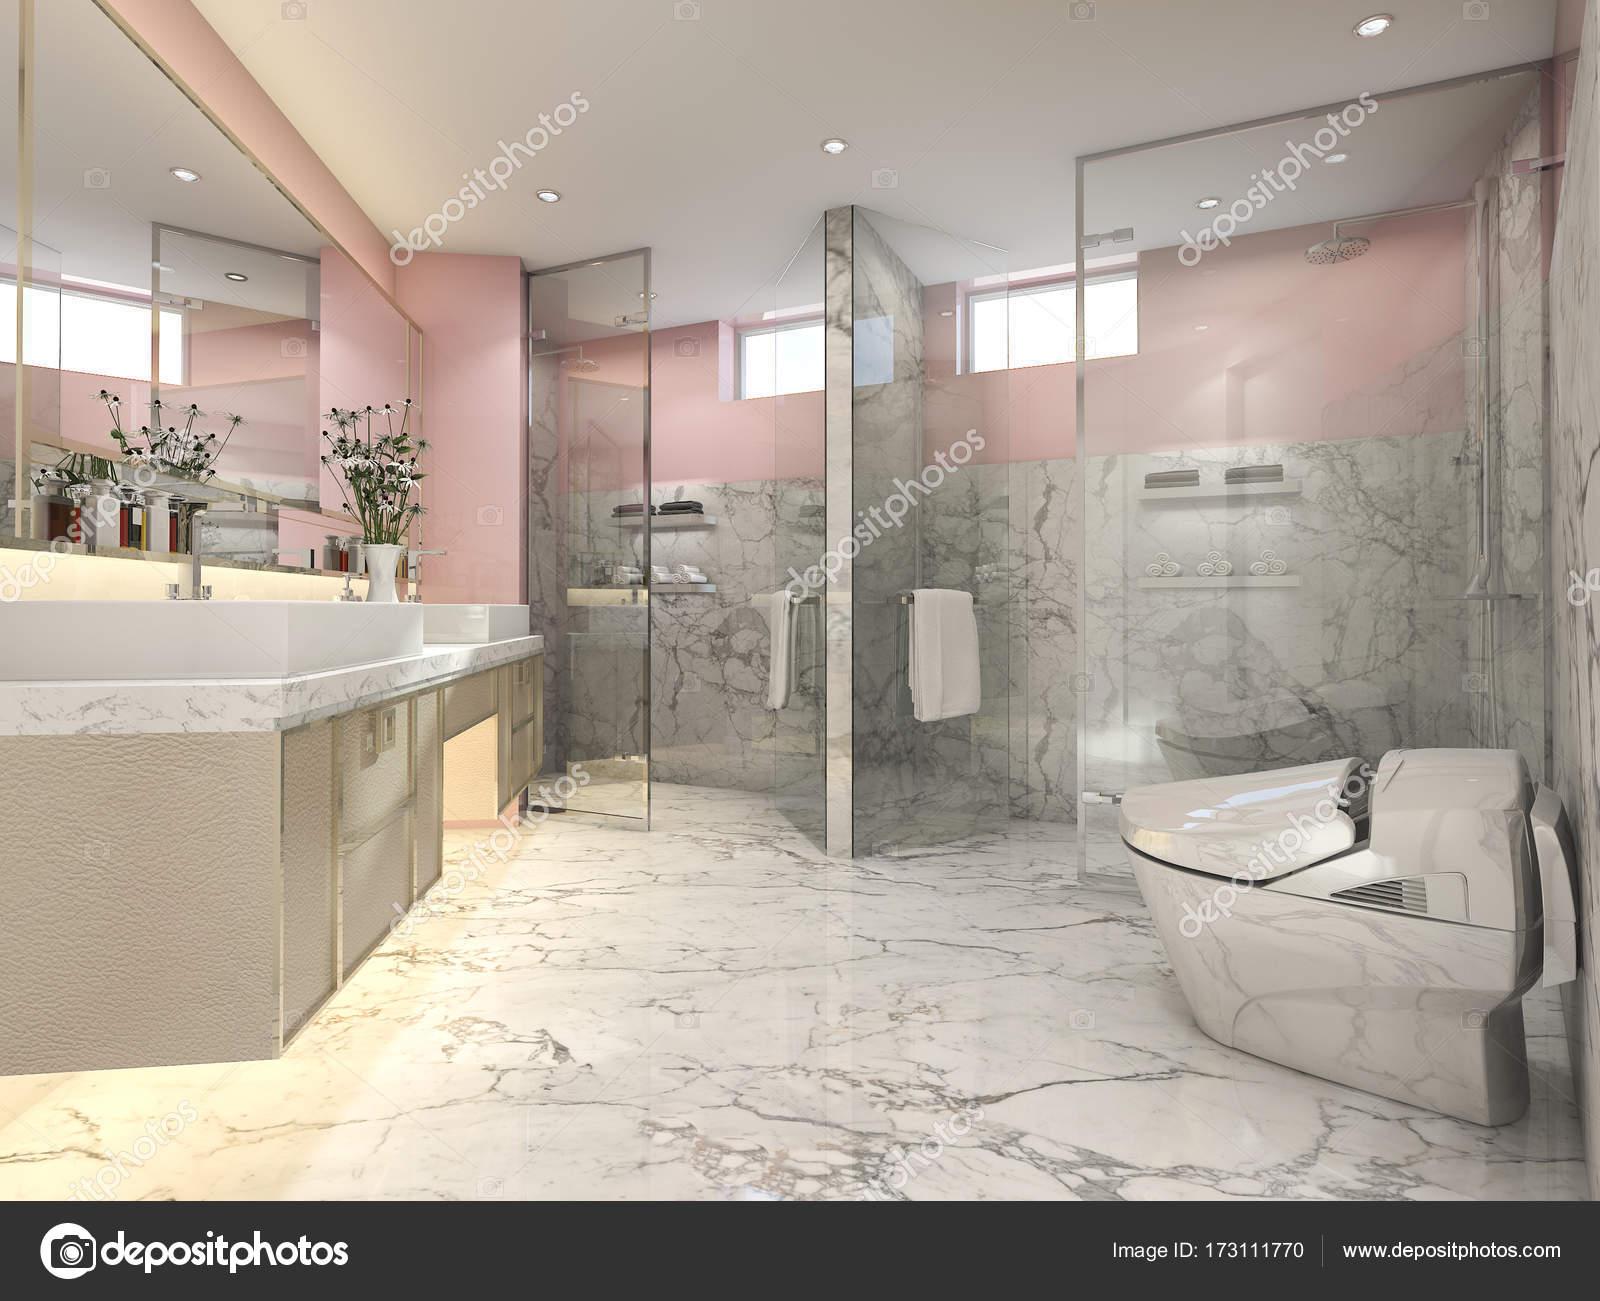 Stanza da bagno vintage moderno a 3d rendering rosa con decorazioni